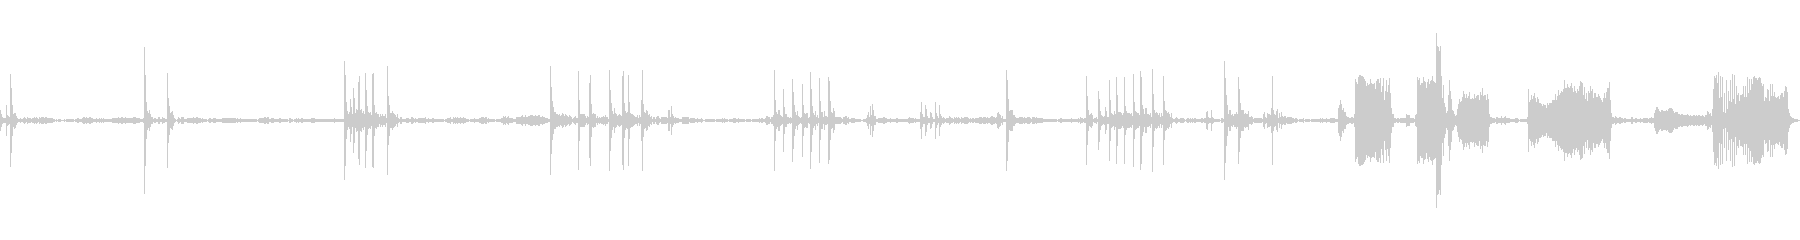 ウッド、クリーク;一連の短いかなり...の未再生の波形